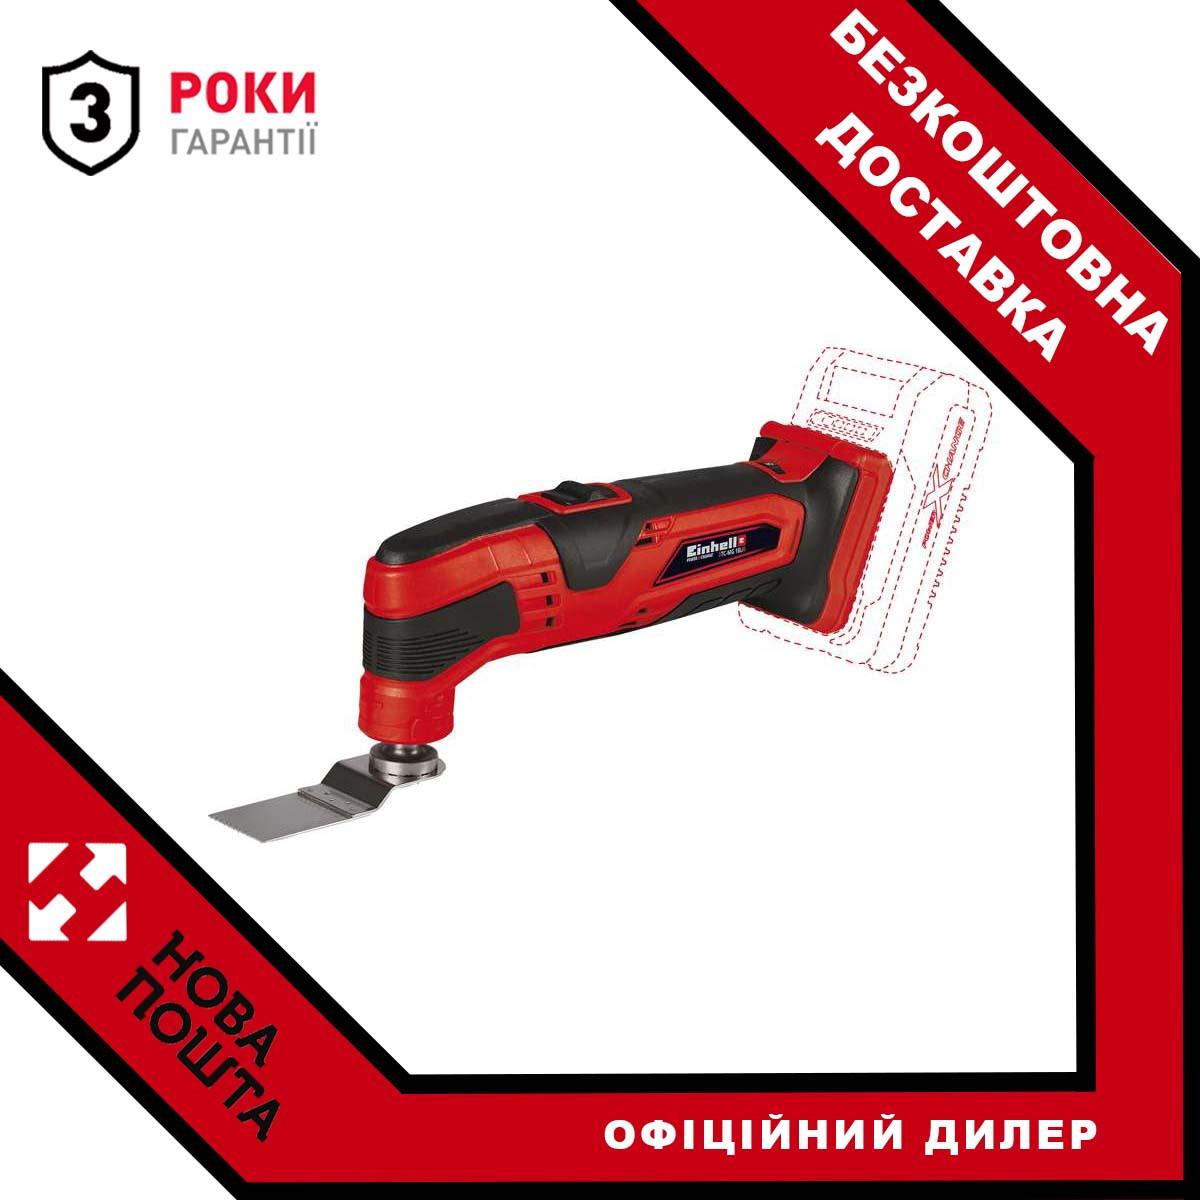 Багатофункційний акумуляторний інструмент Einhell TC-MG 18 Li-Solo